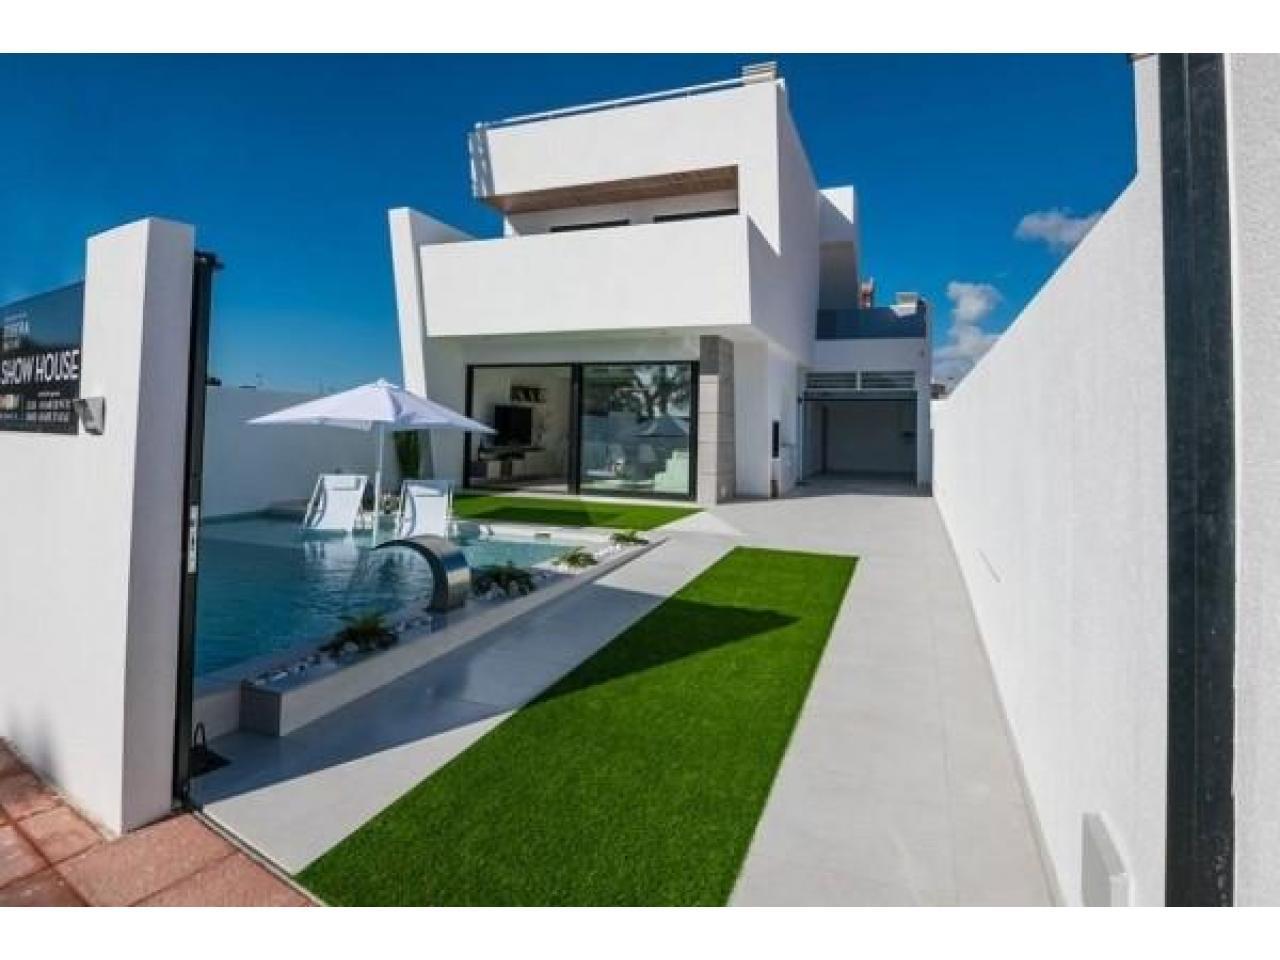 Недвижимость в Испании, Новая вилла рядом с пляжем от застройщика в Сан-Хавьер - 1